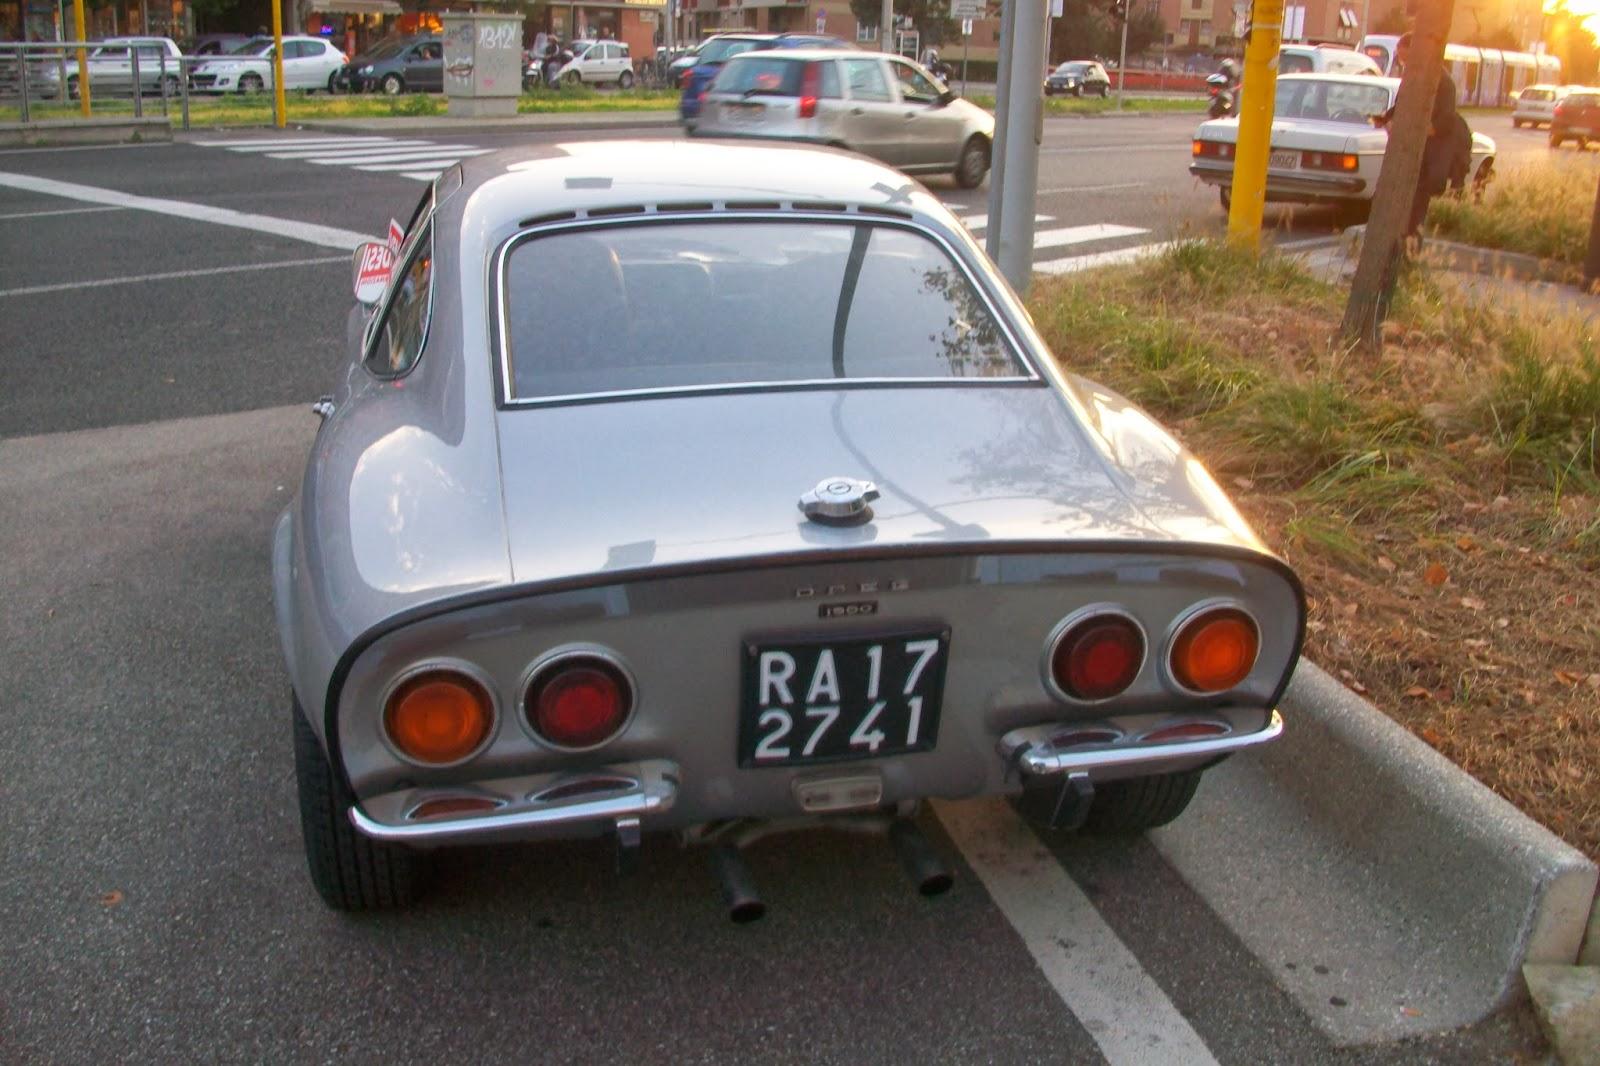 Treggia 39 s blog vecchie auto a firenze die korvette ja for 2 case di storia in vendita vicino a me